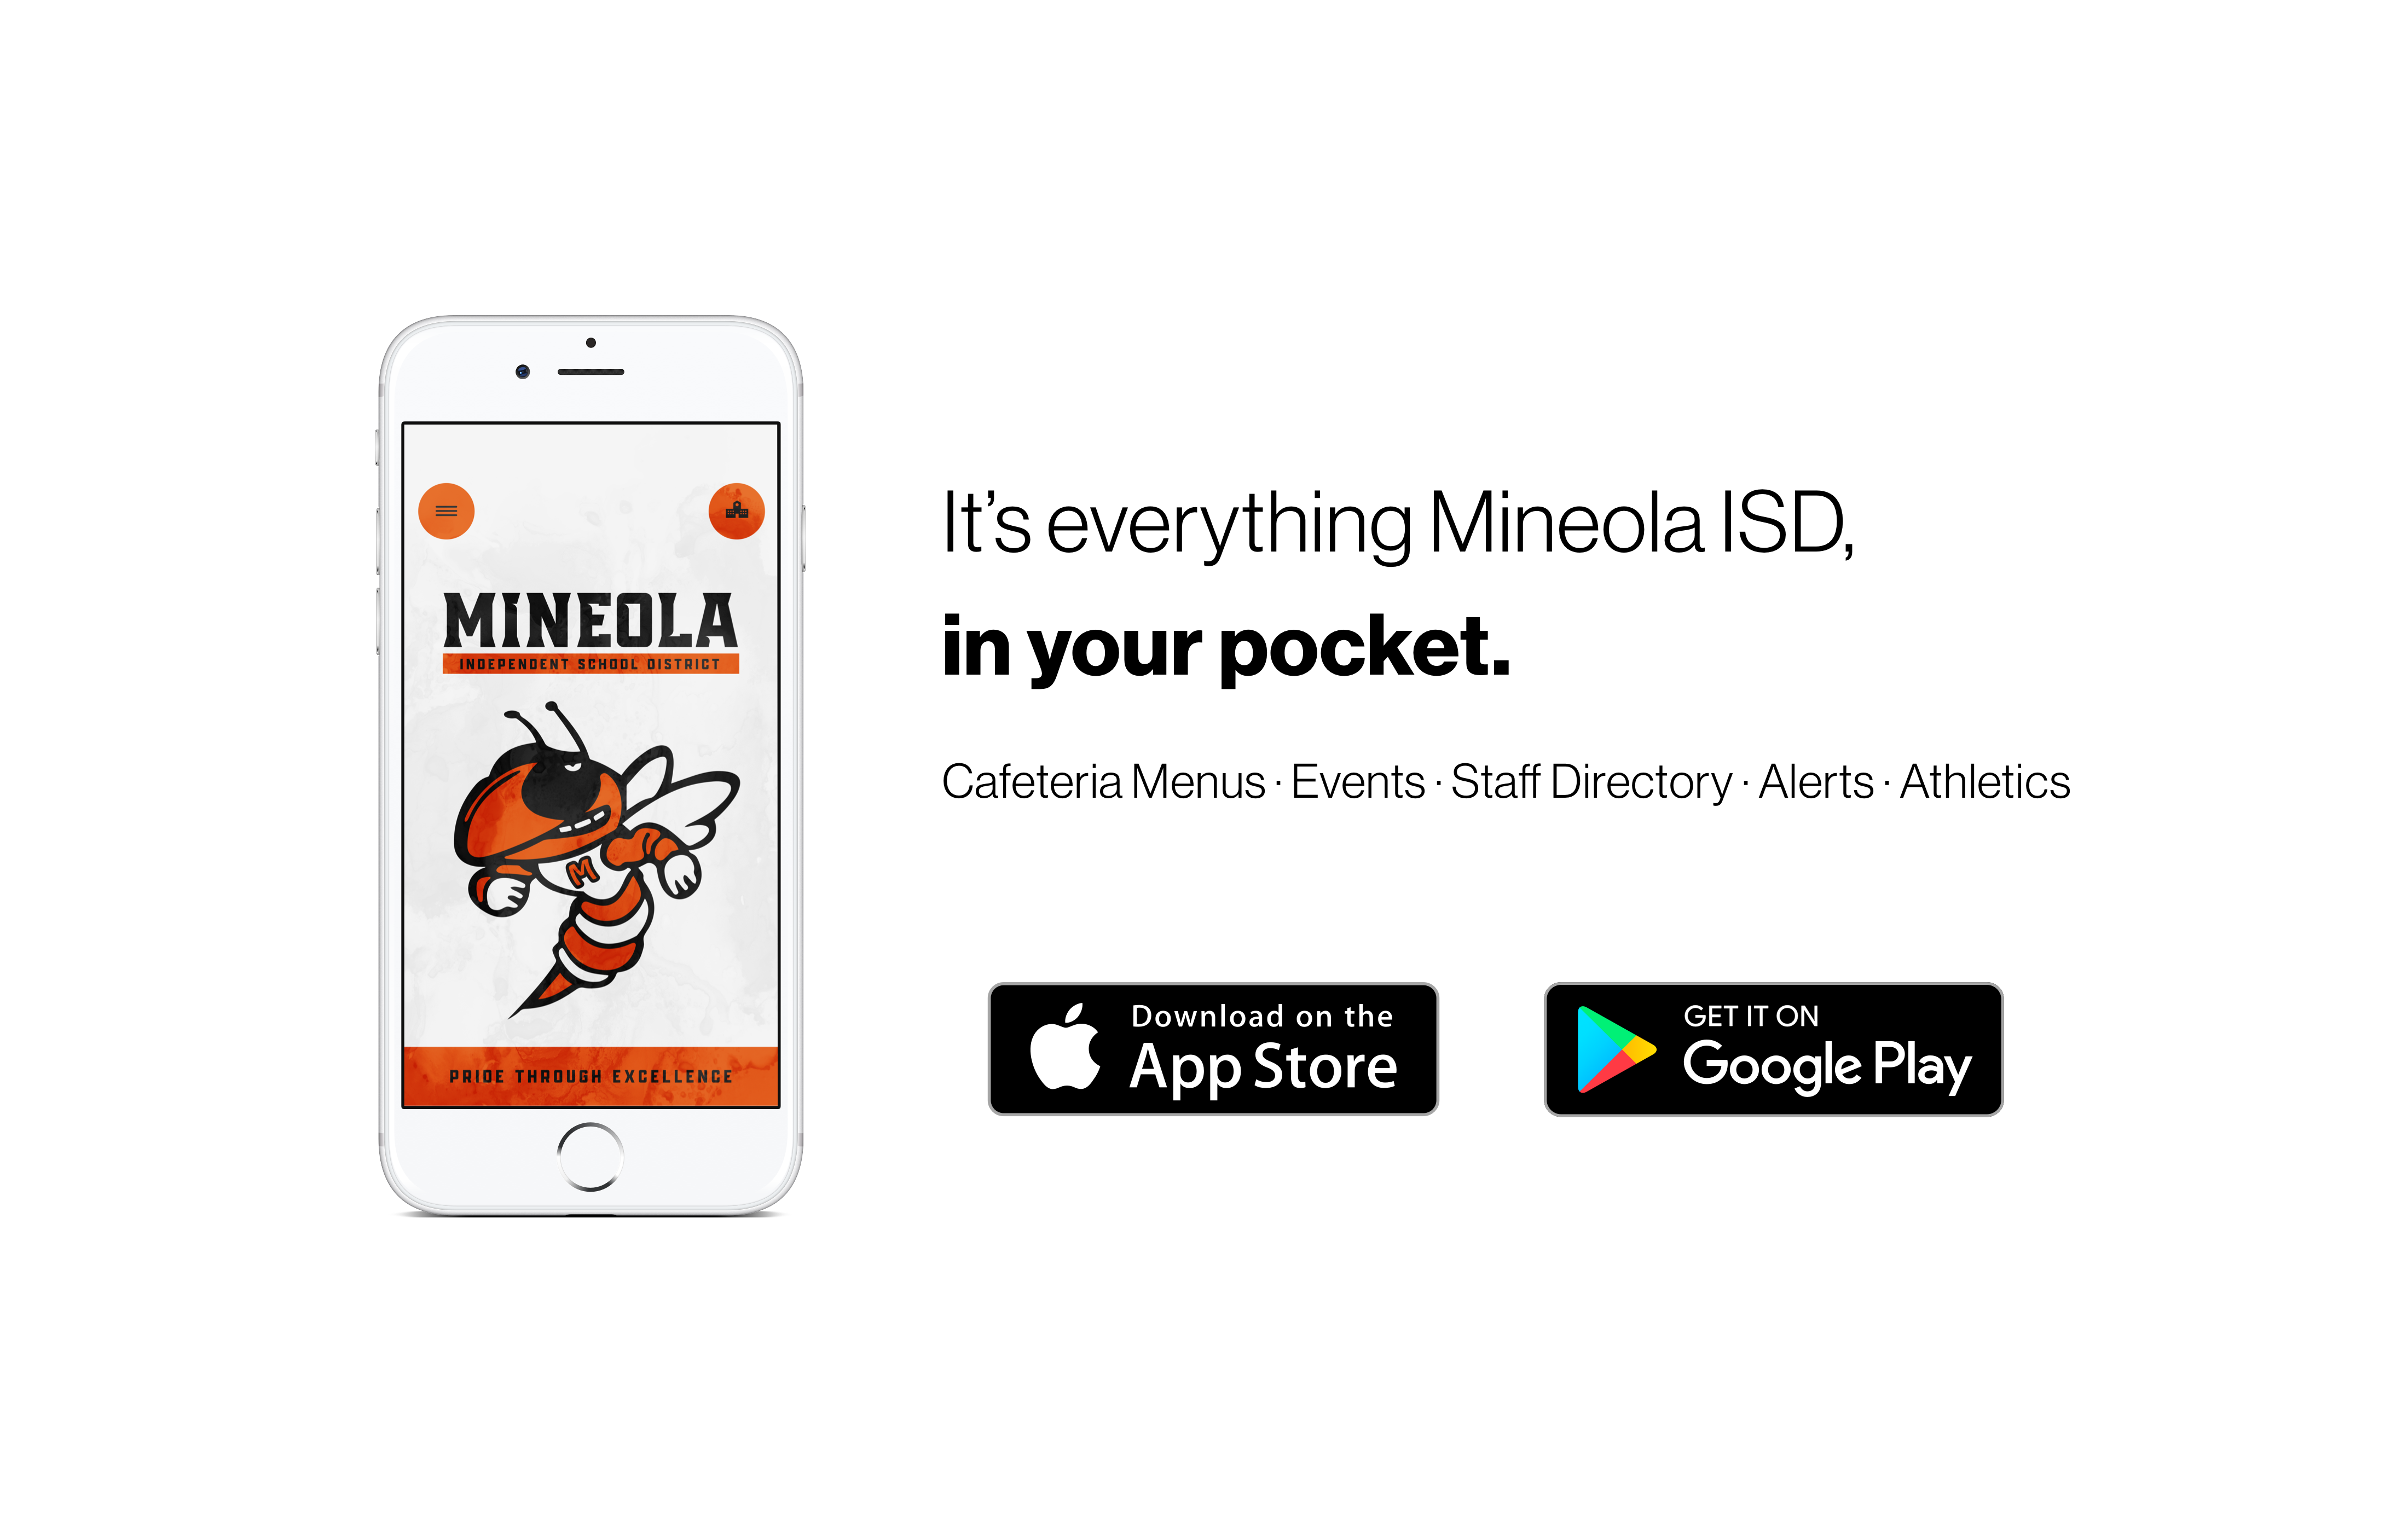 Mineola ISD's New App